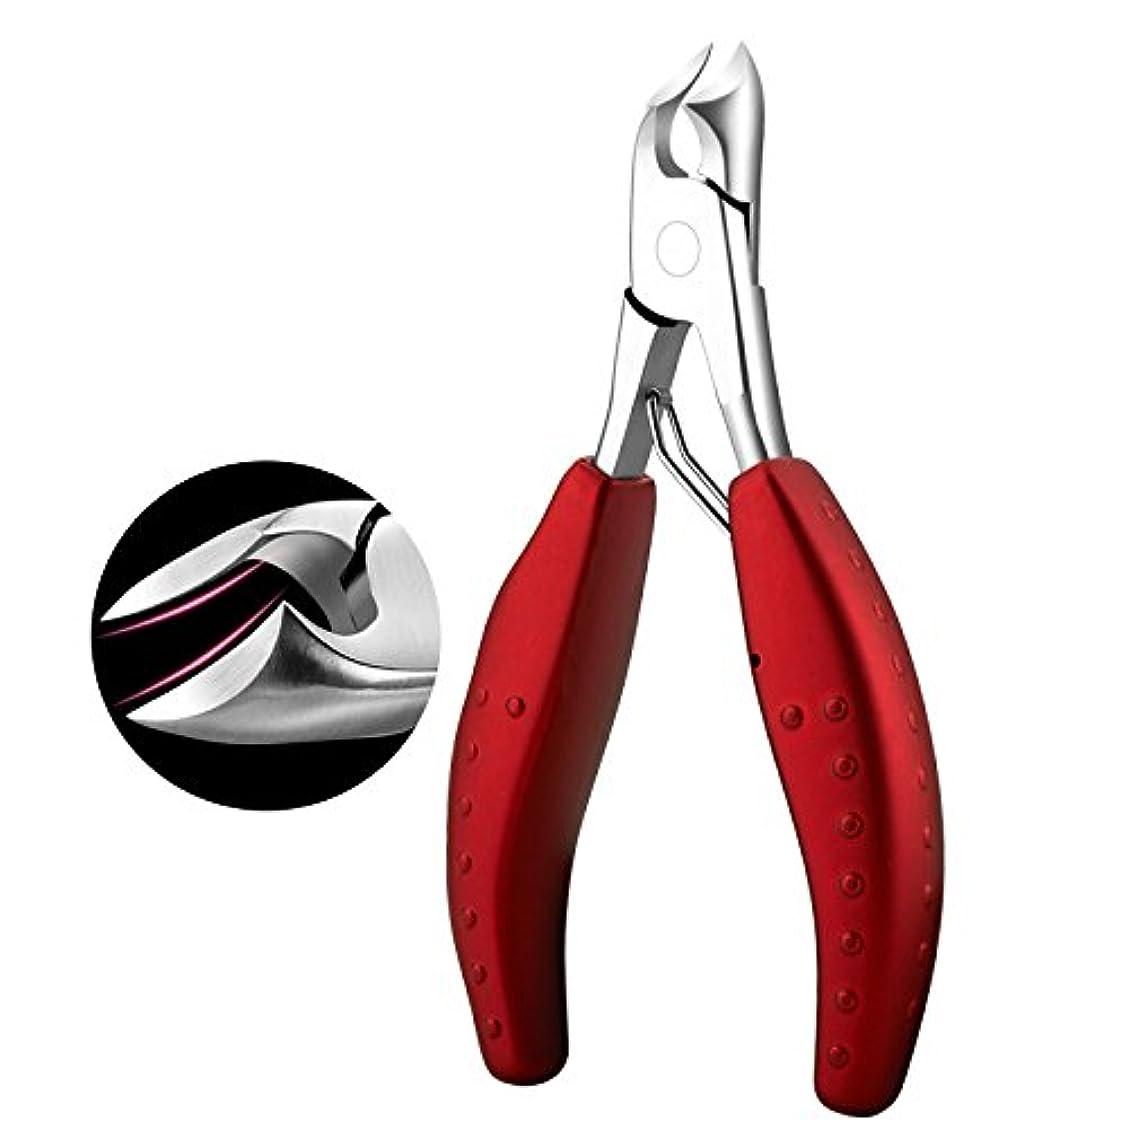 人アリもっと少なくBeKitty EC-01ステンレススチール製の内生トネイルNipper爪切りペディキュア用具パロニー キアケア - 赤